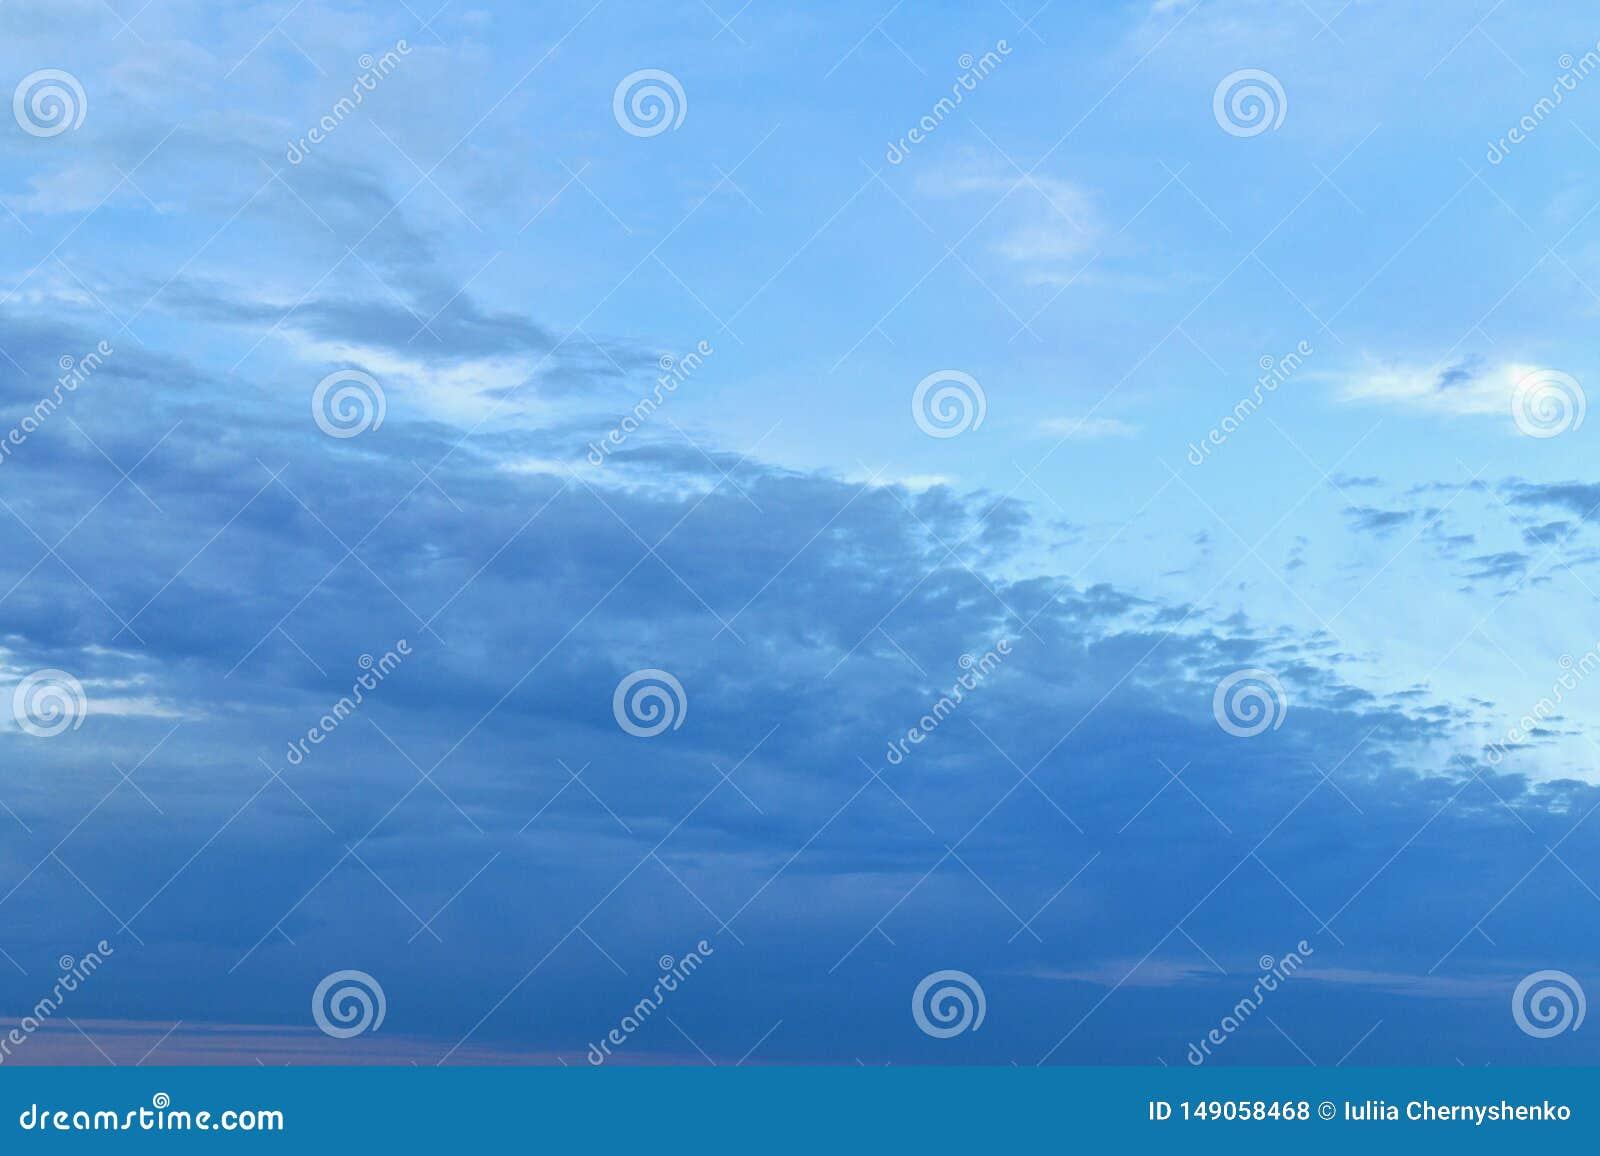 Le nuvole sono uno scorrevole da sinistra a destra su e giù